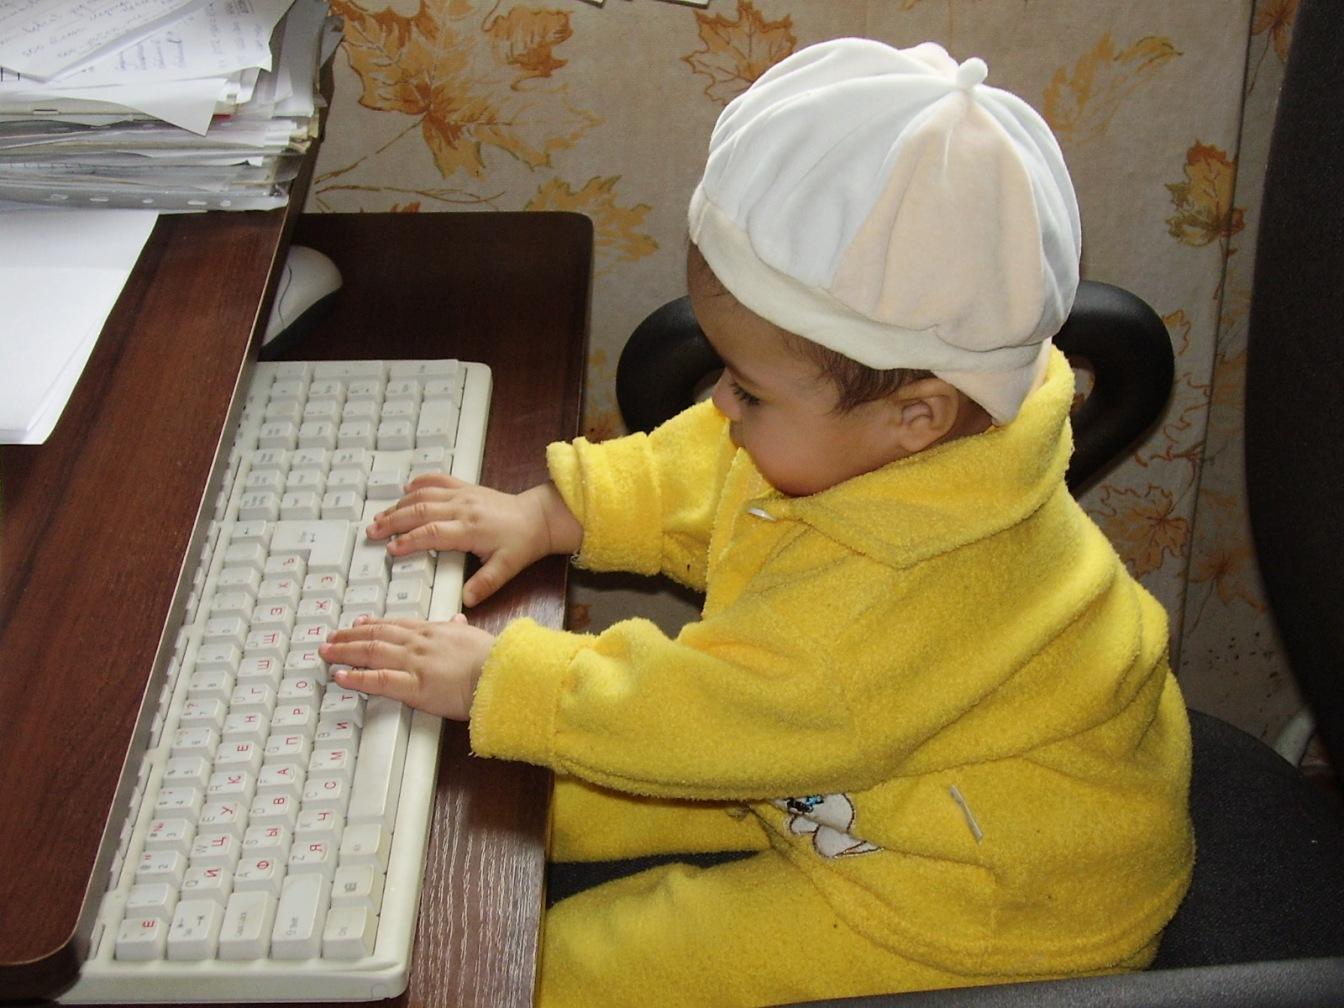 Самый юный хакер. Дети за компьютером